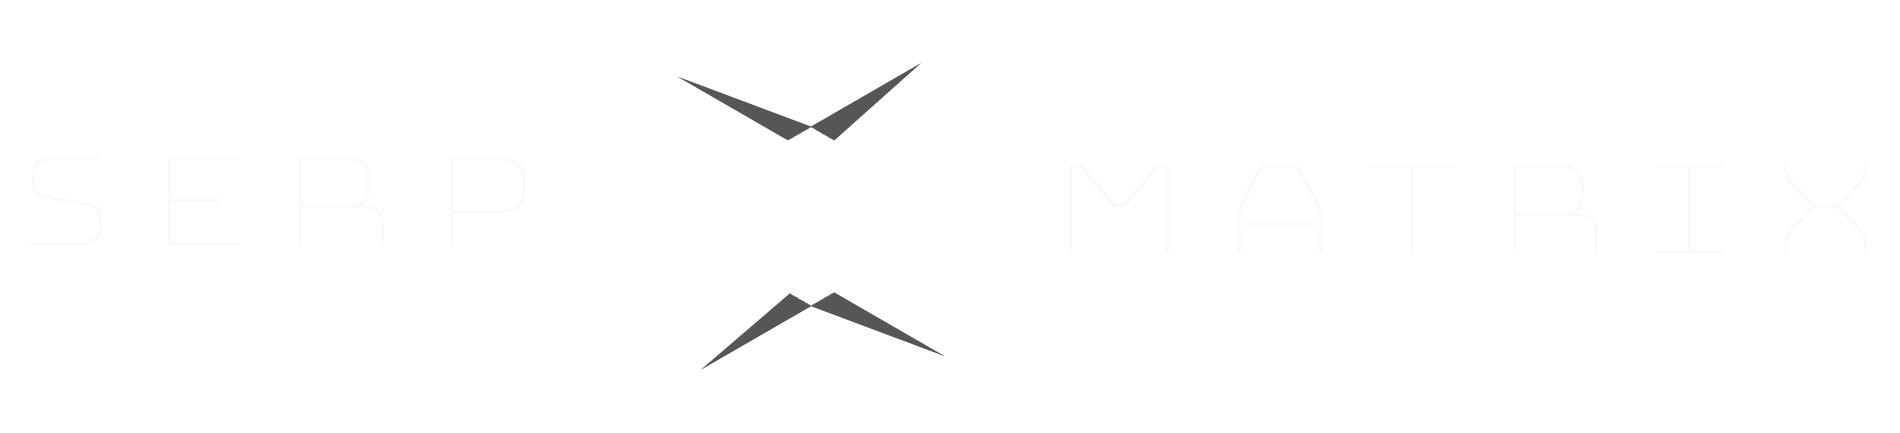 SERP Matrix Logo